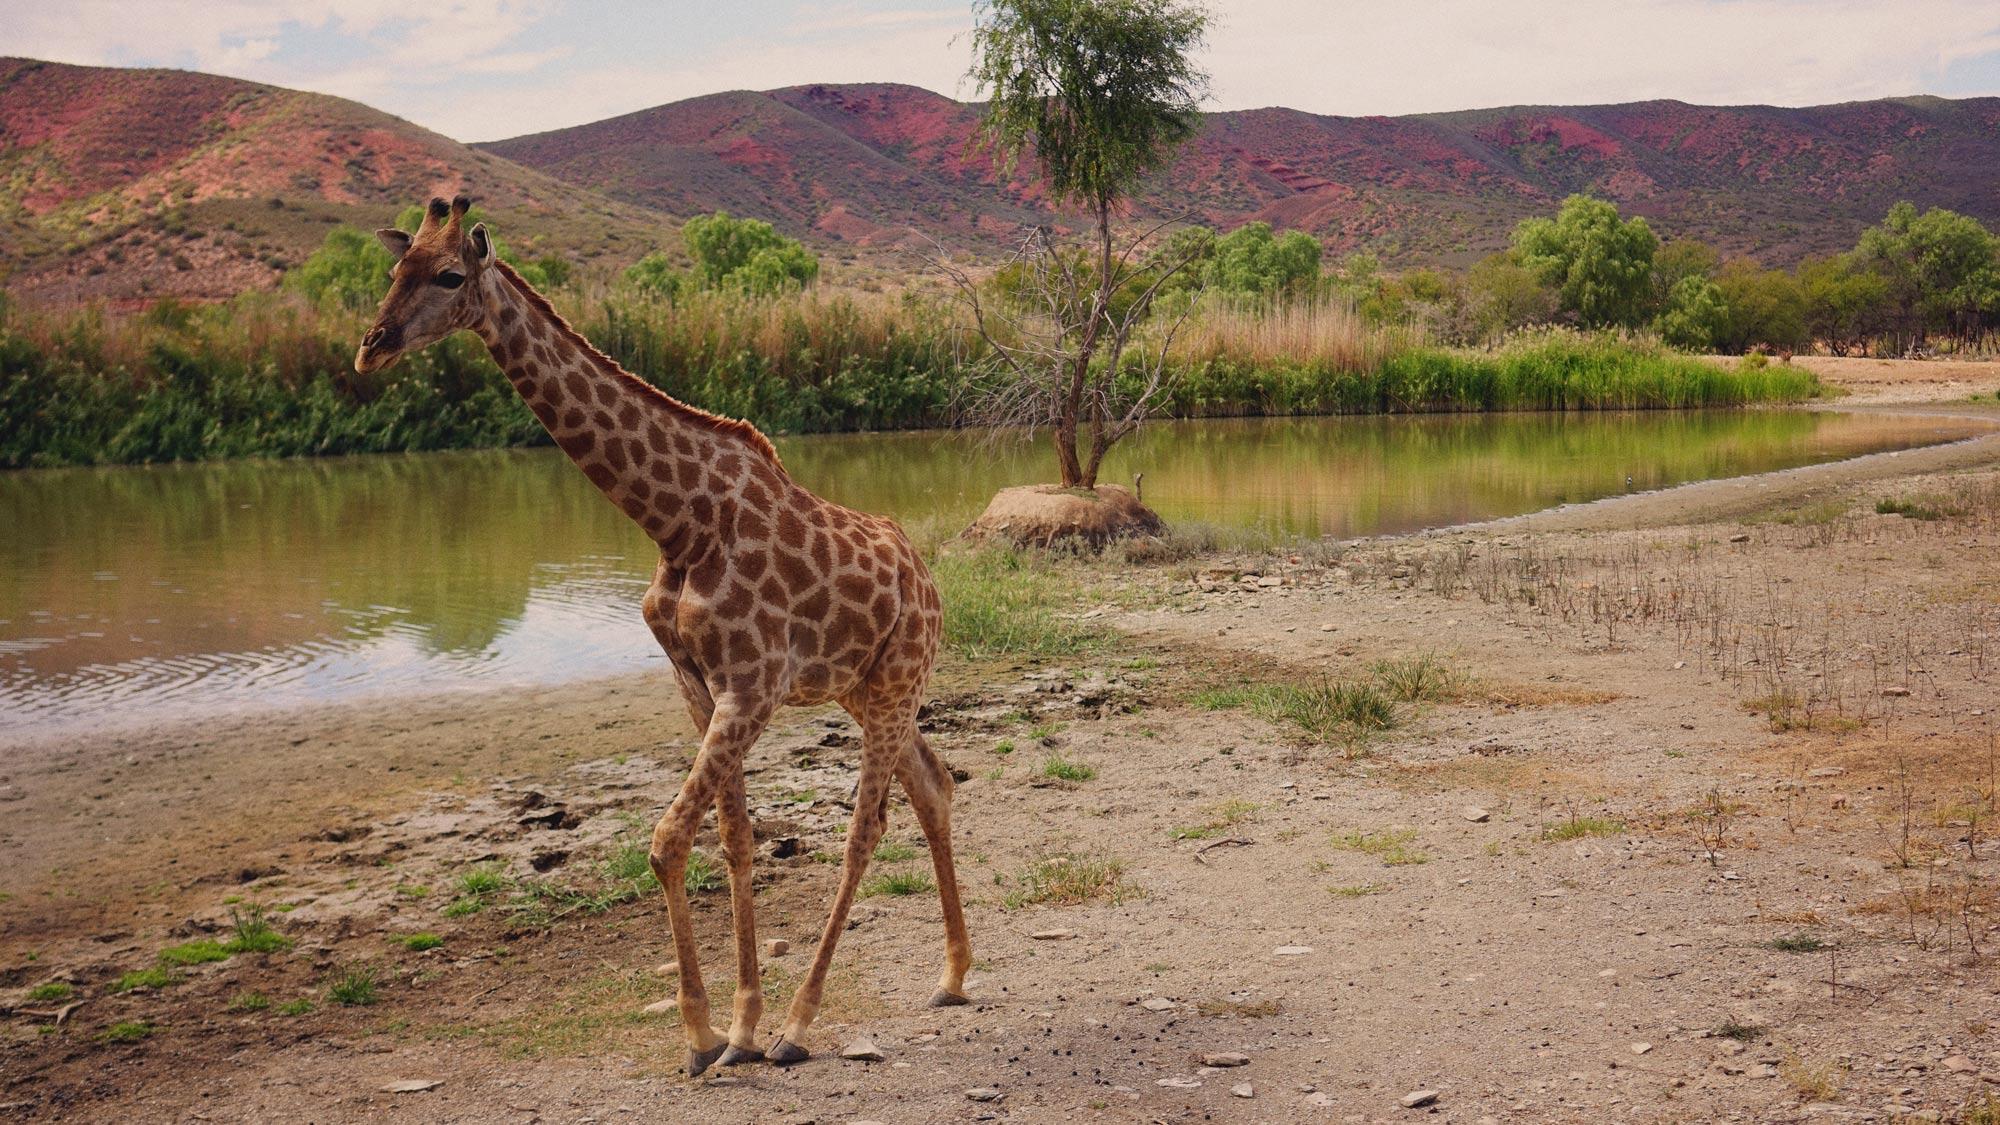 02_Giepert_South_Africa.jpg